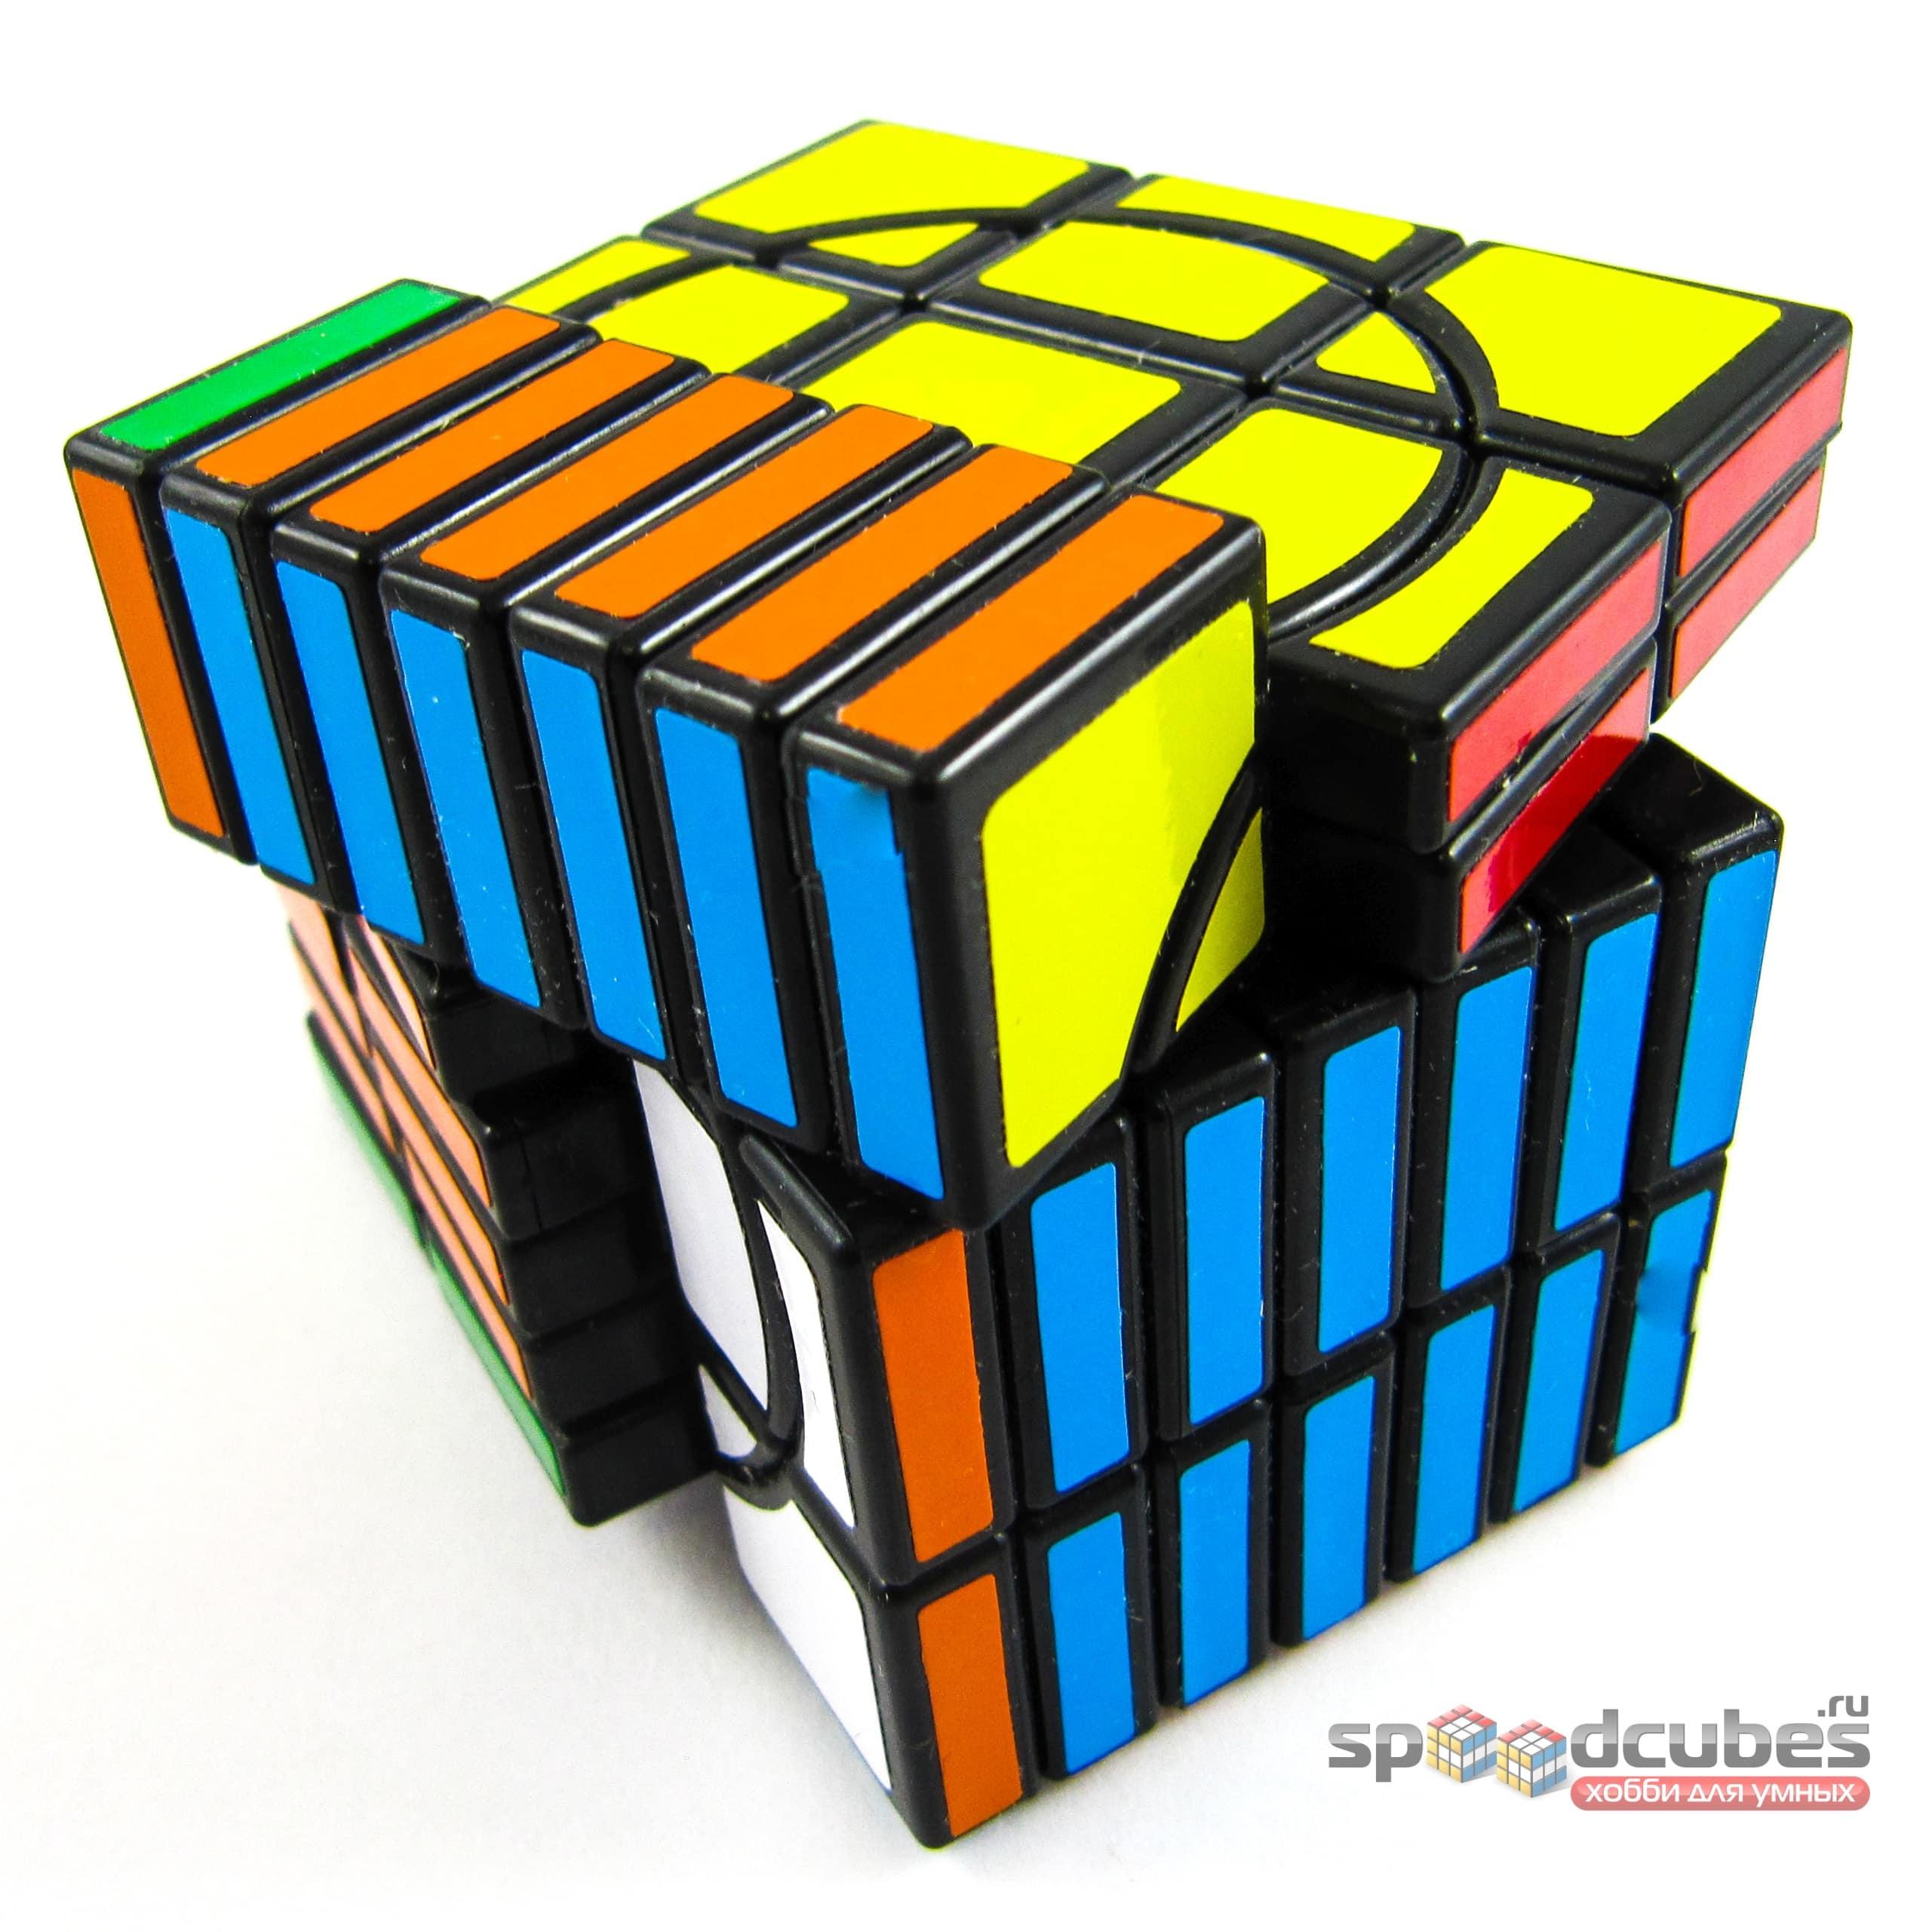 Witeden 3x3x7 01 4